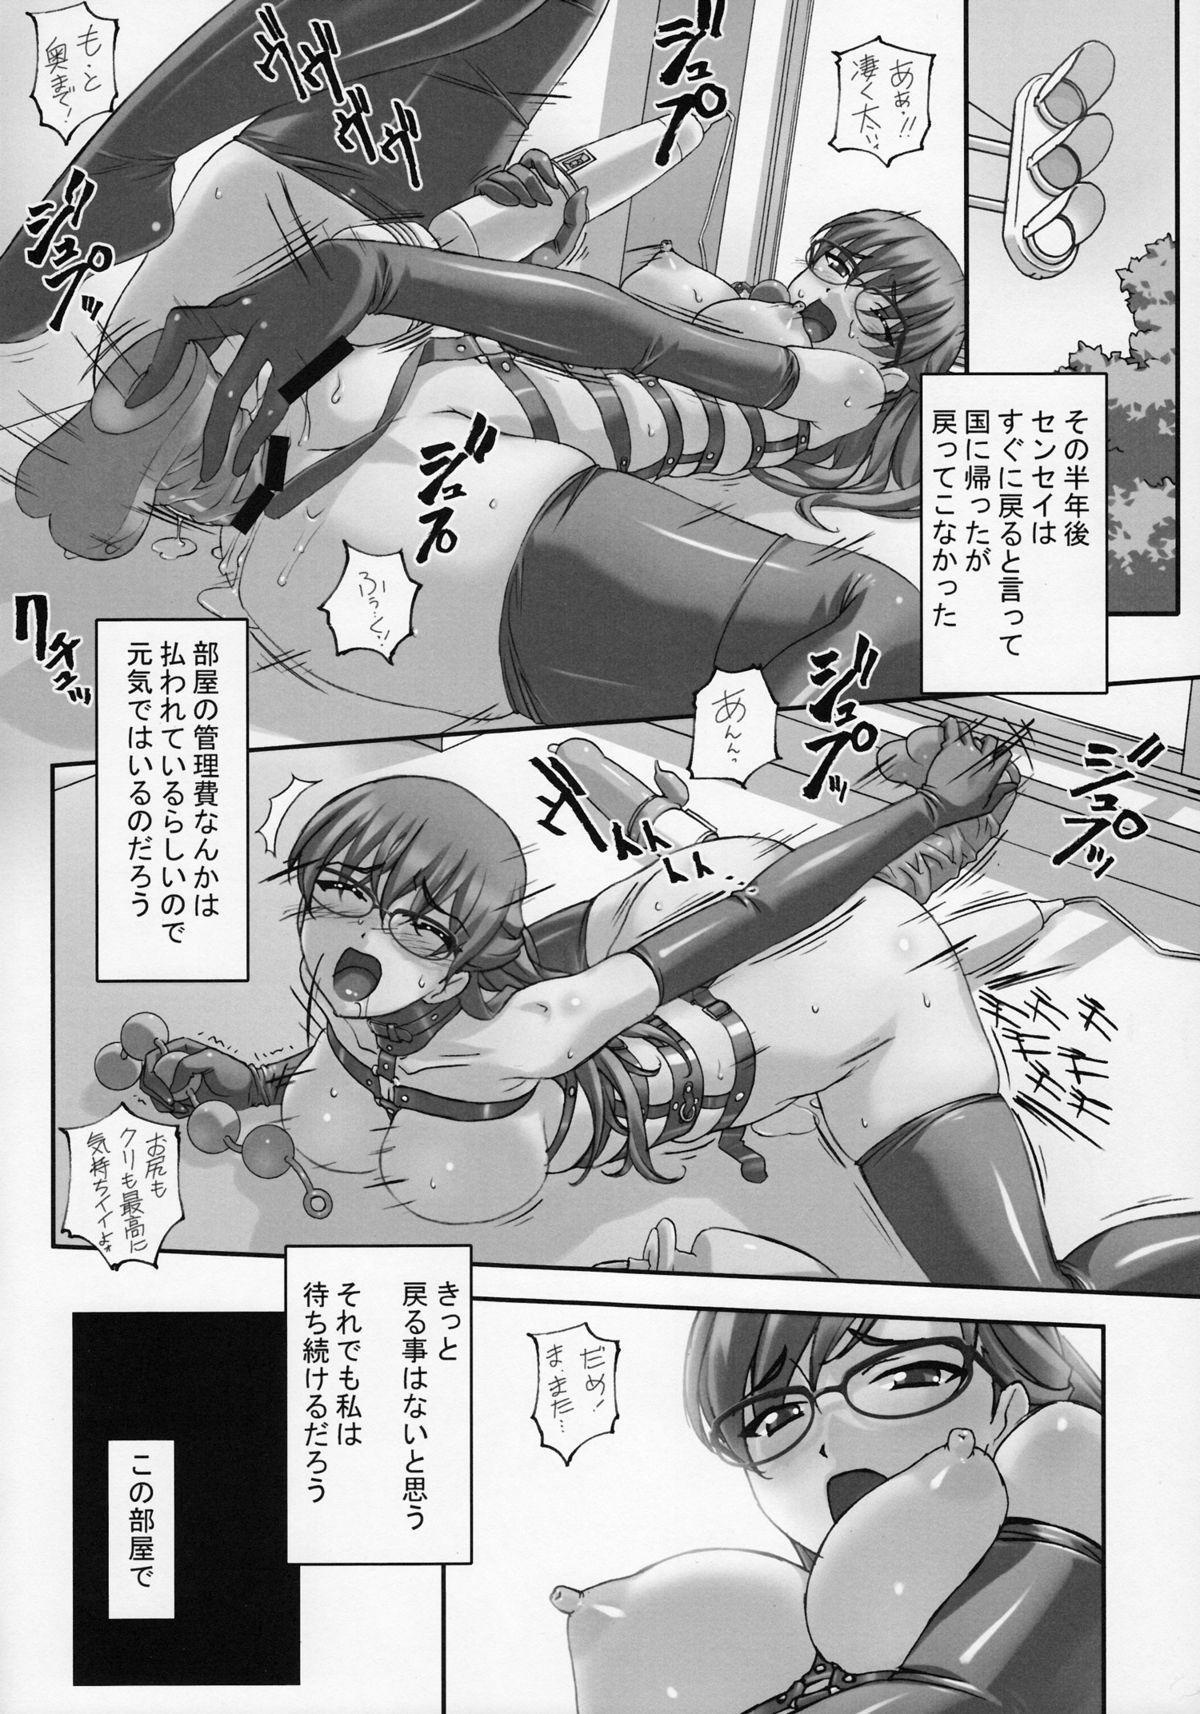 Iinchou ga Anna Koto ya Konna Koto o Shite Iru no o Minna wa Shiranai 20